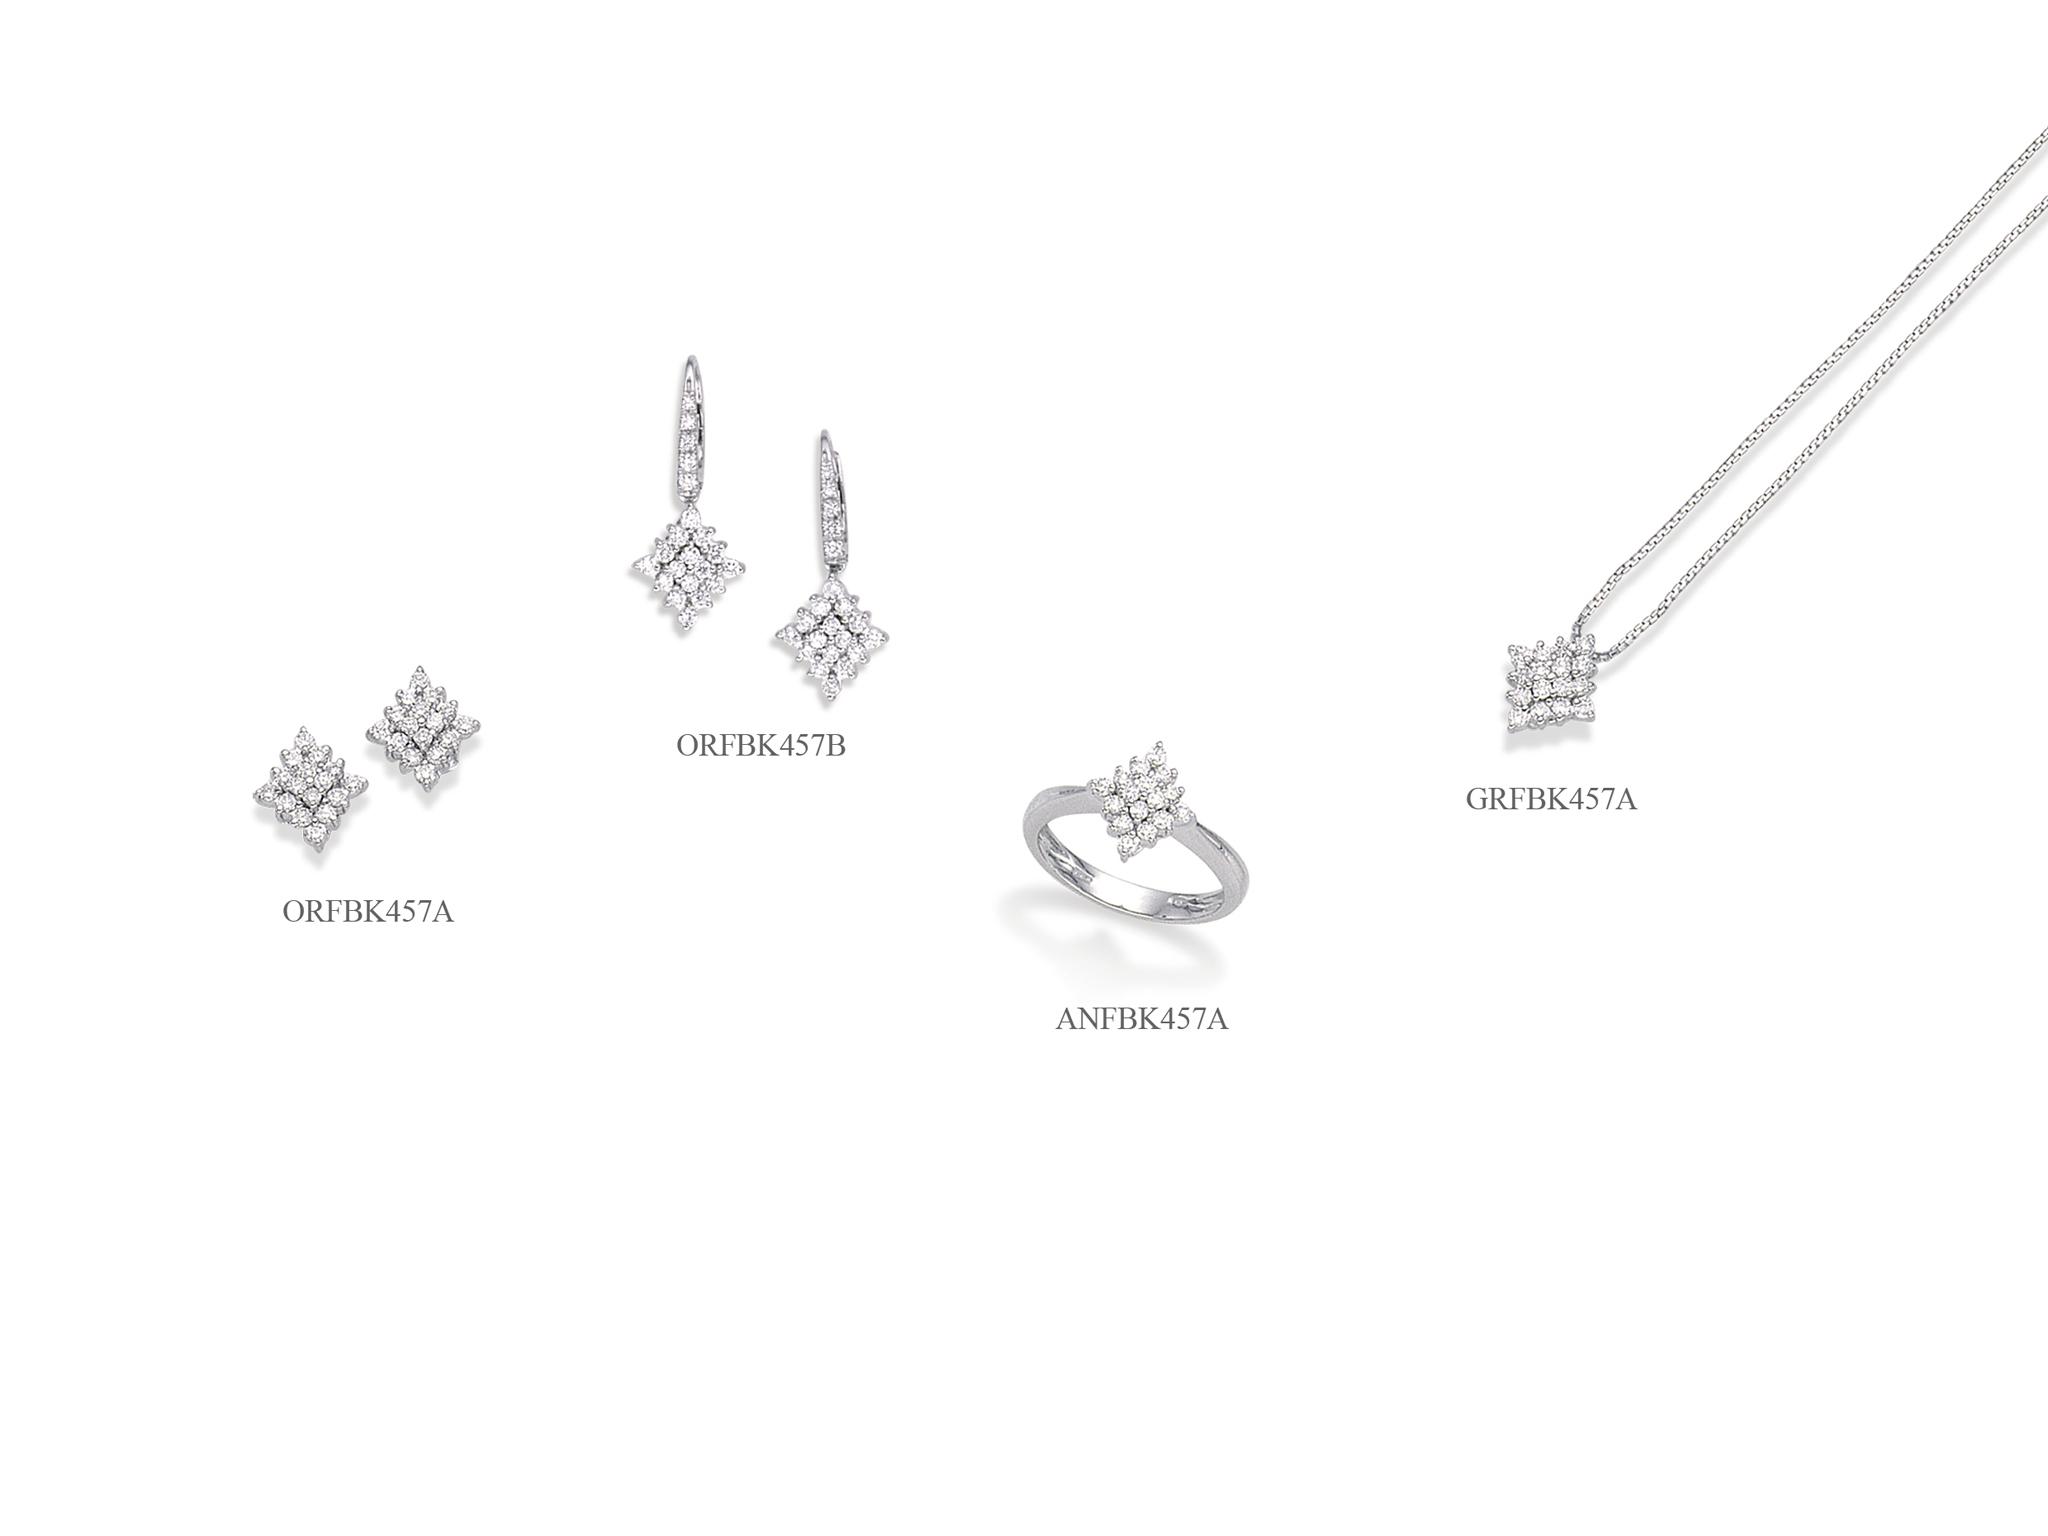 diamanti_pagina_9_app